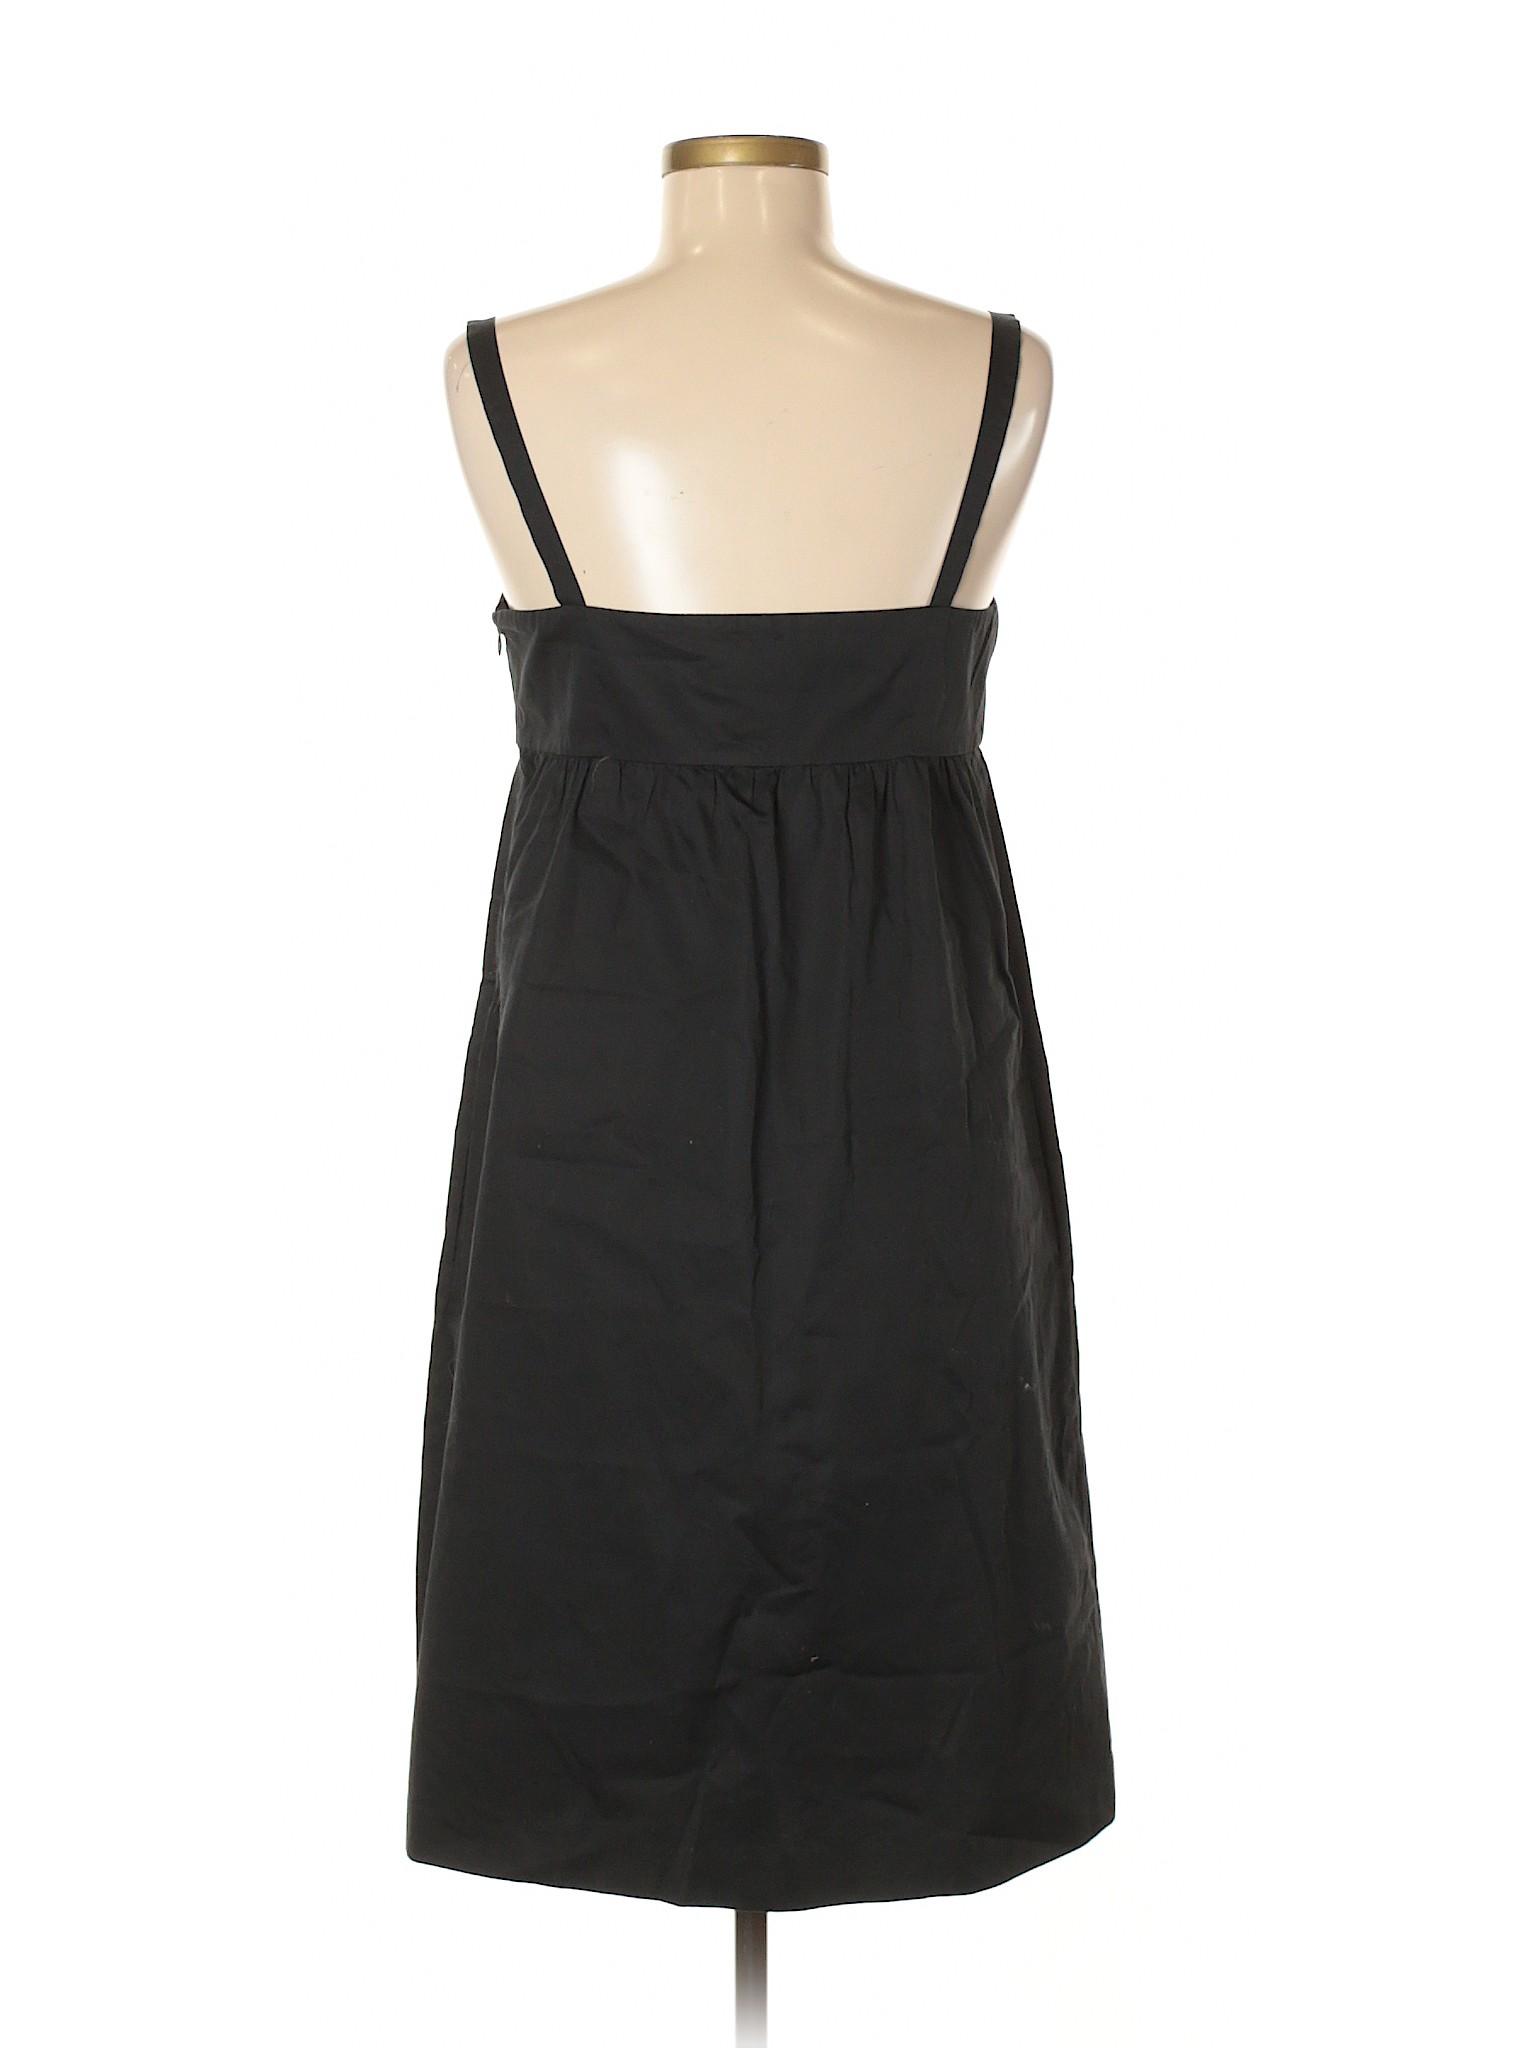 Casual winter Ann Dress LOFT Boutique Taylor A10fWq